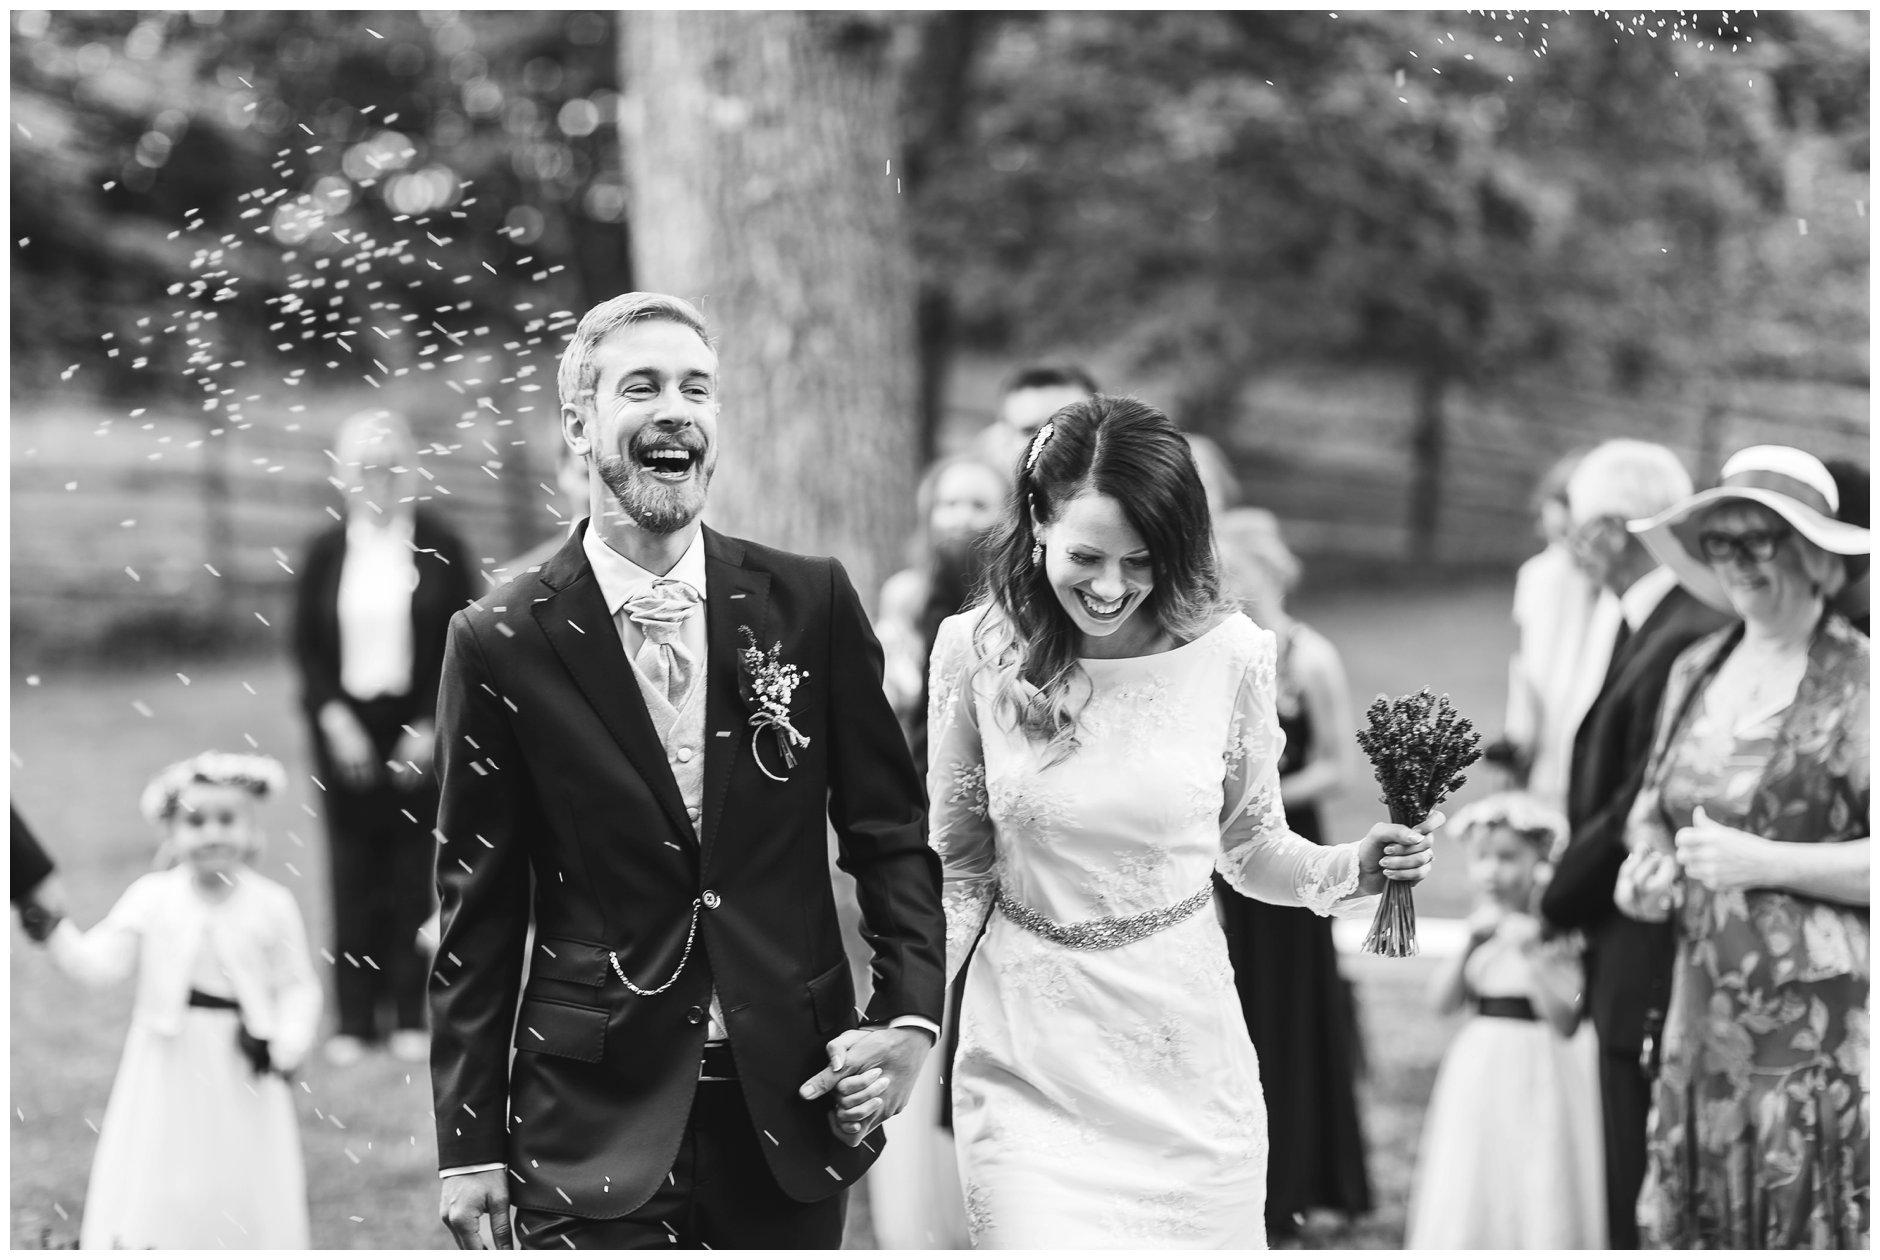 bryllupsfotografering av glad brudgom